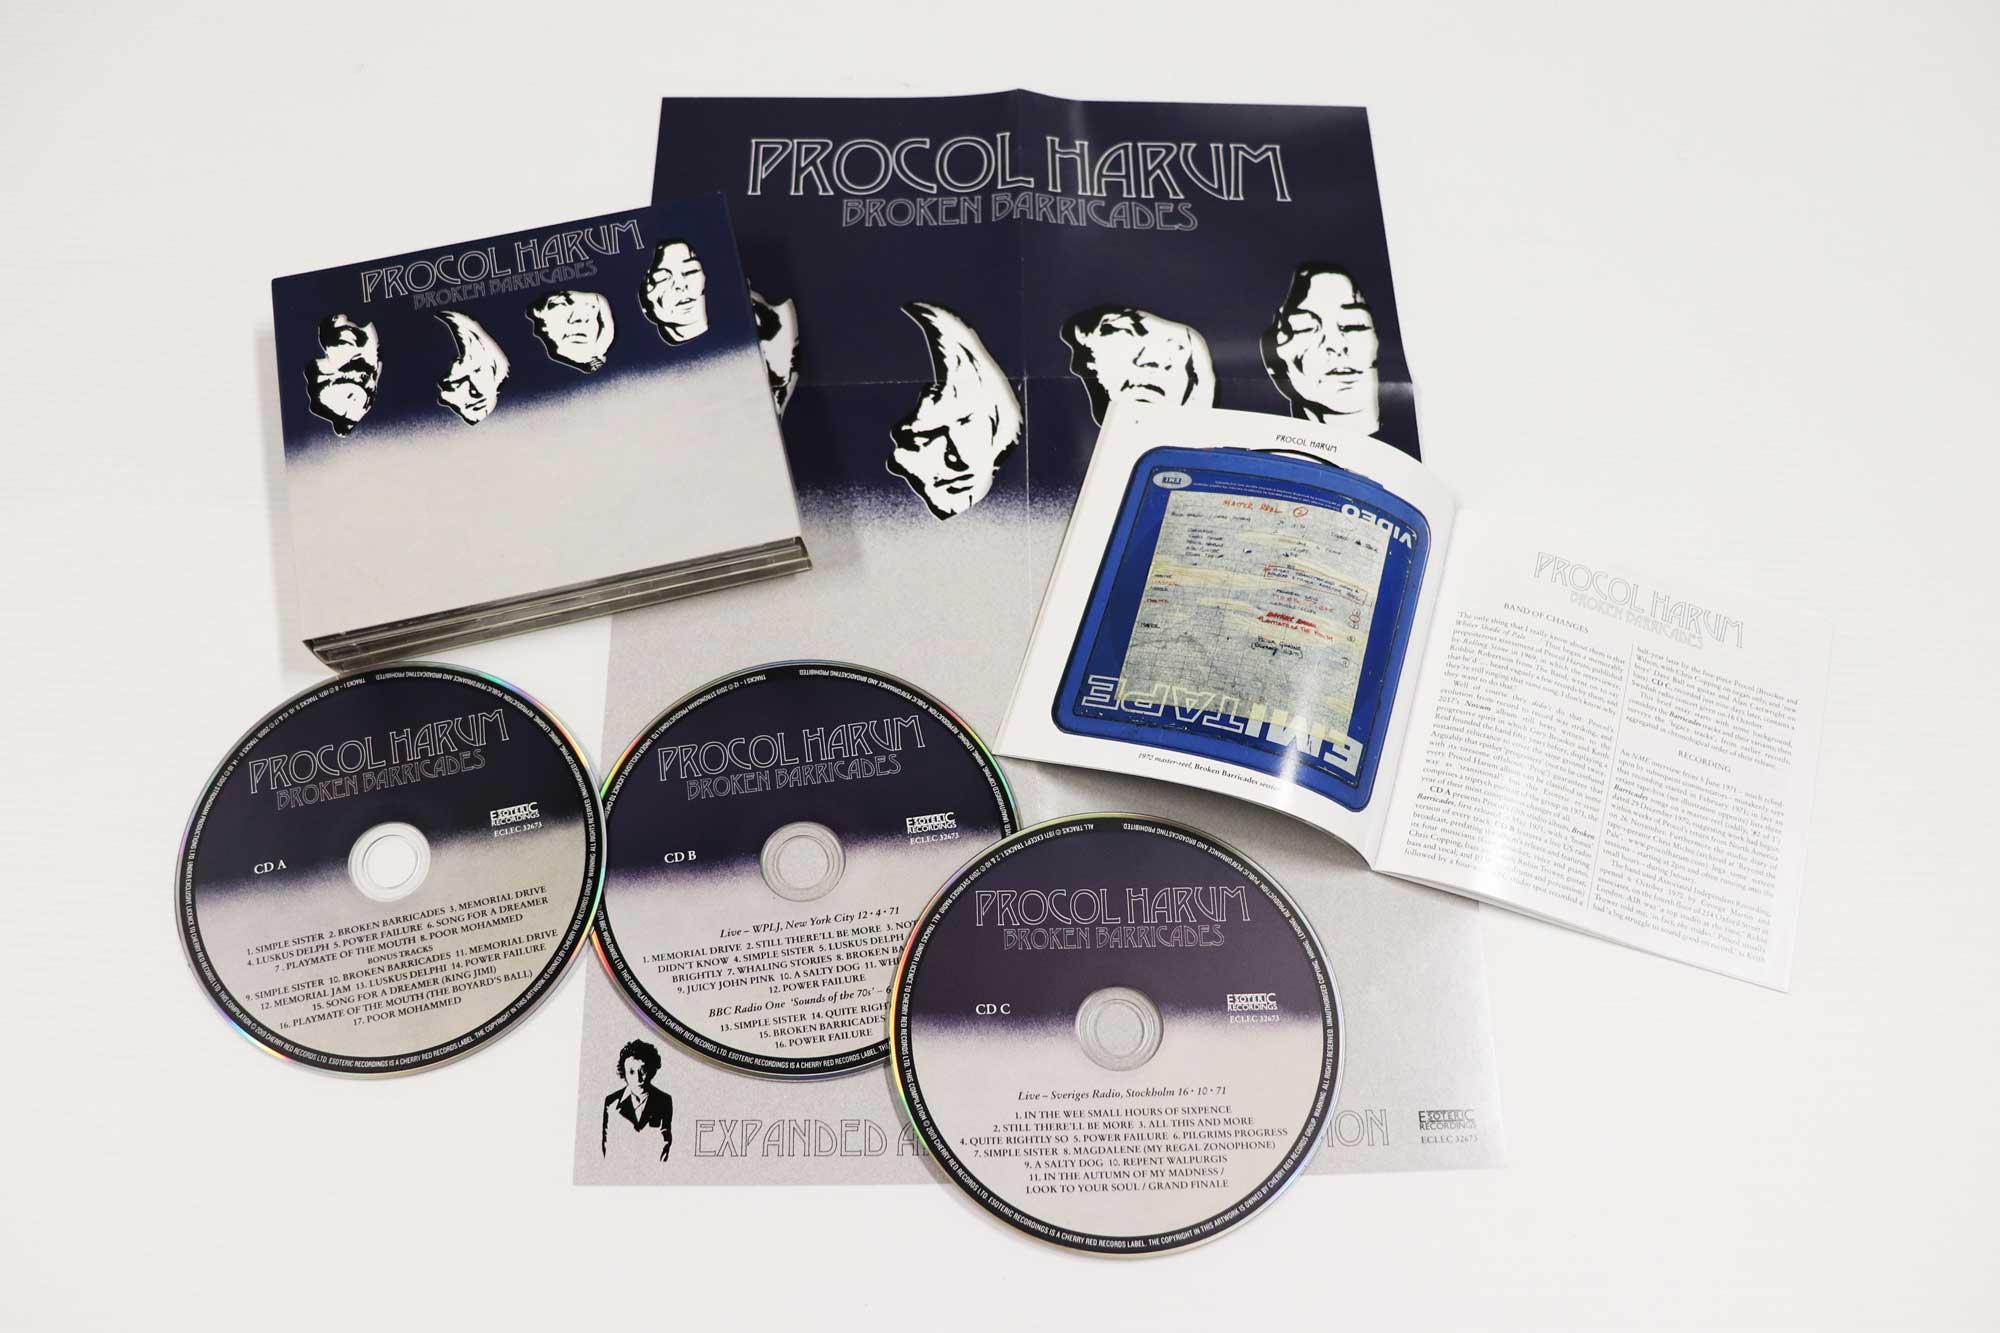 pfm discografia torrent download